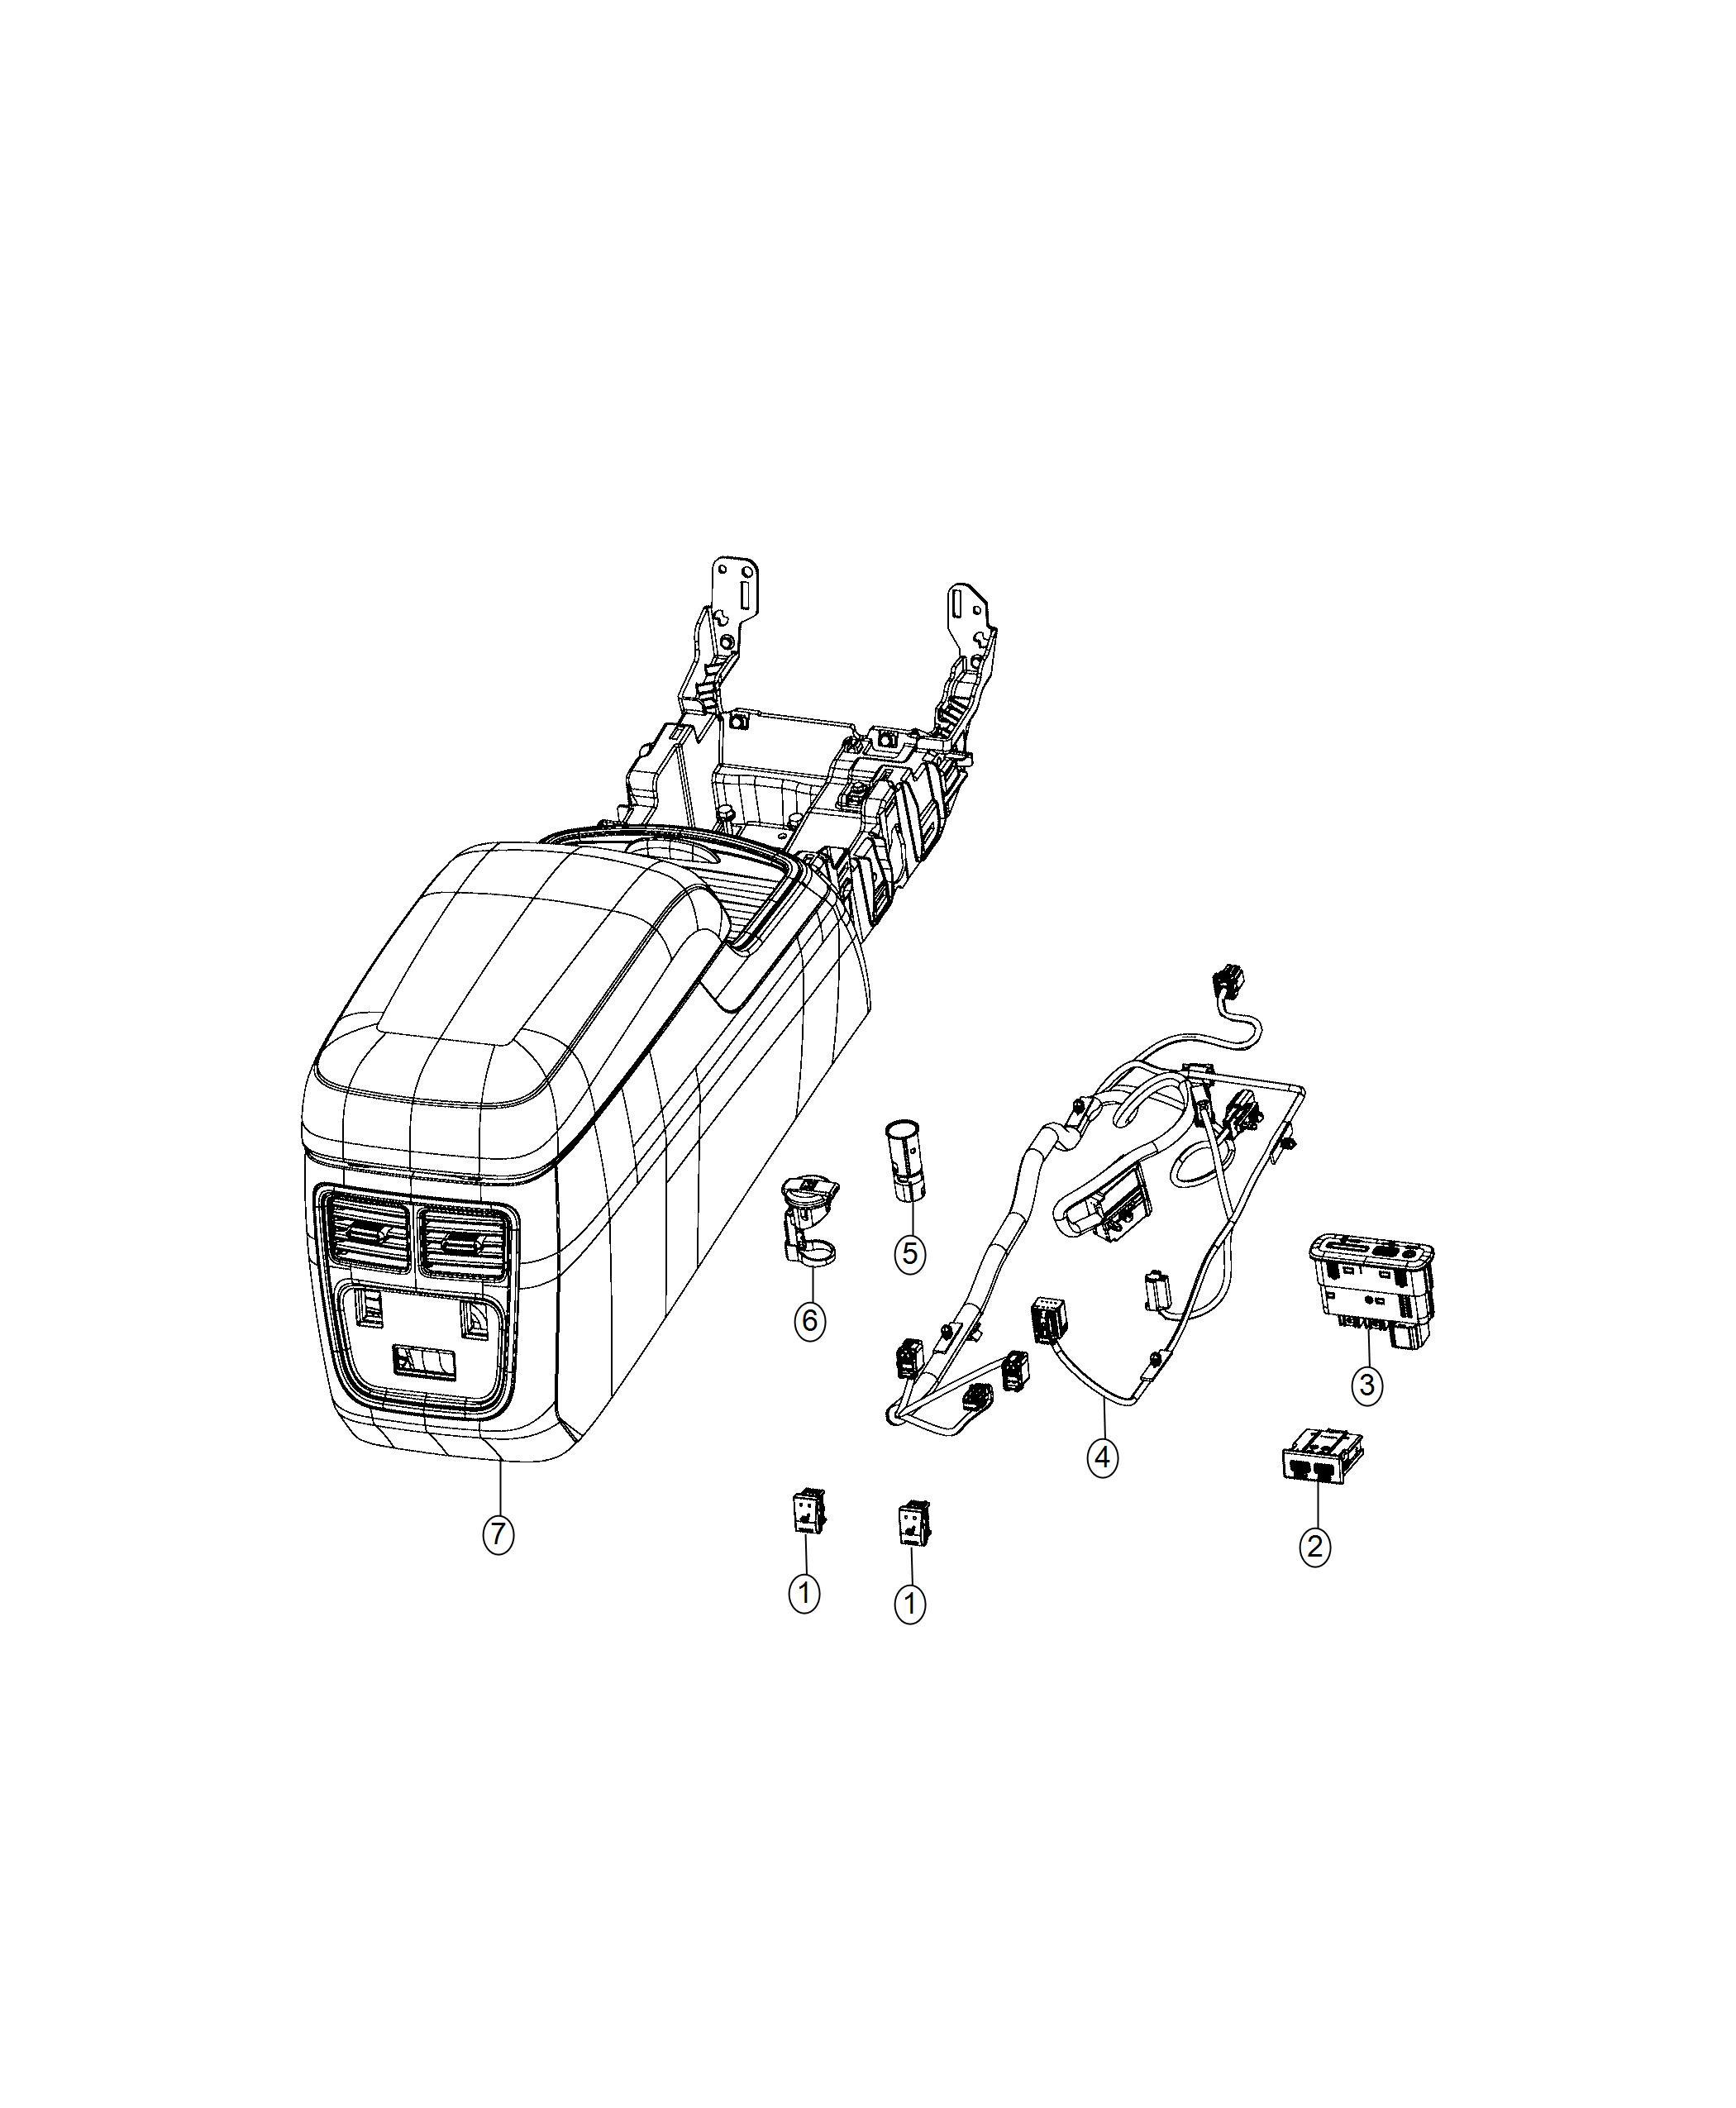 Dodge Charger Wiring. Console. Trim: [no description